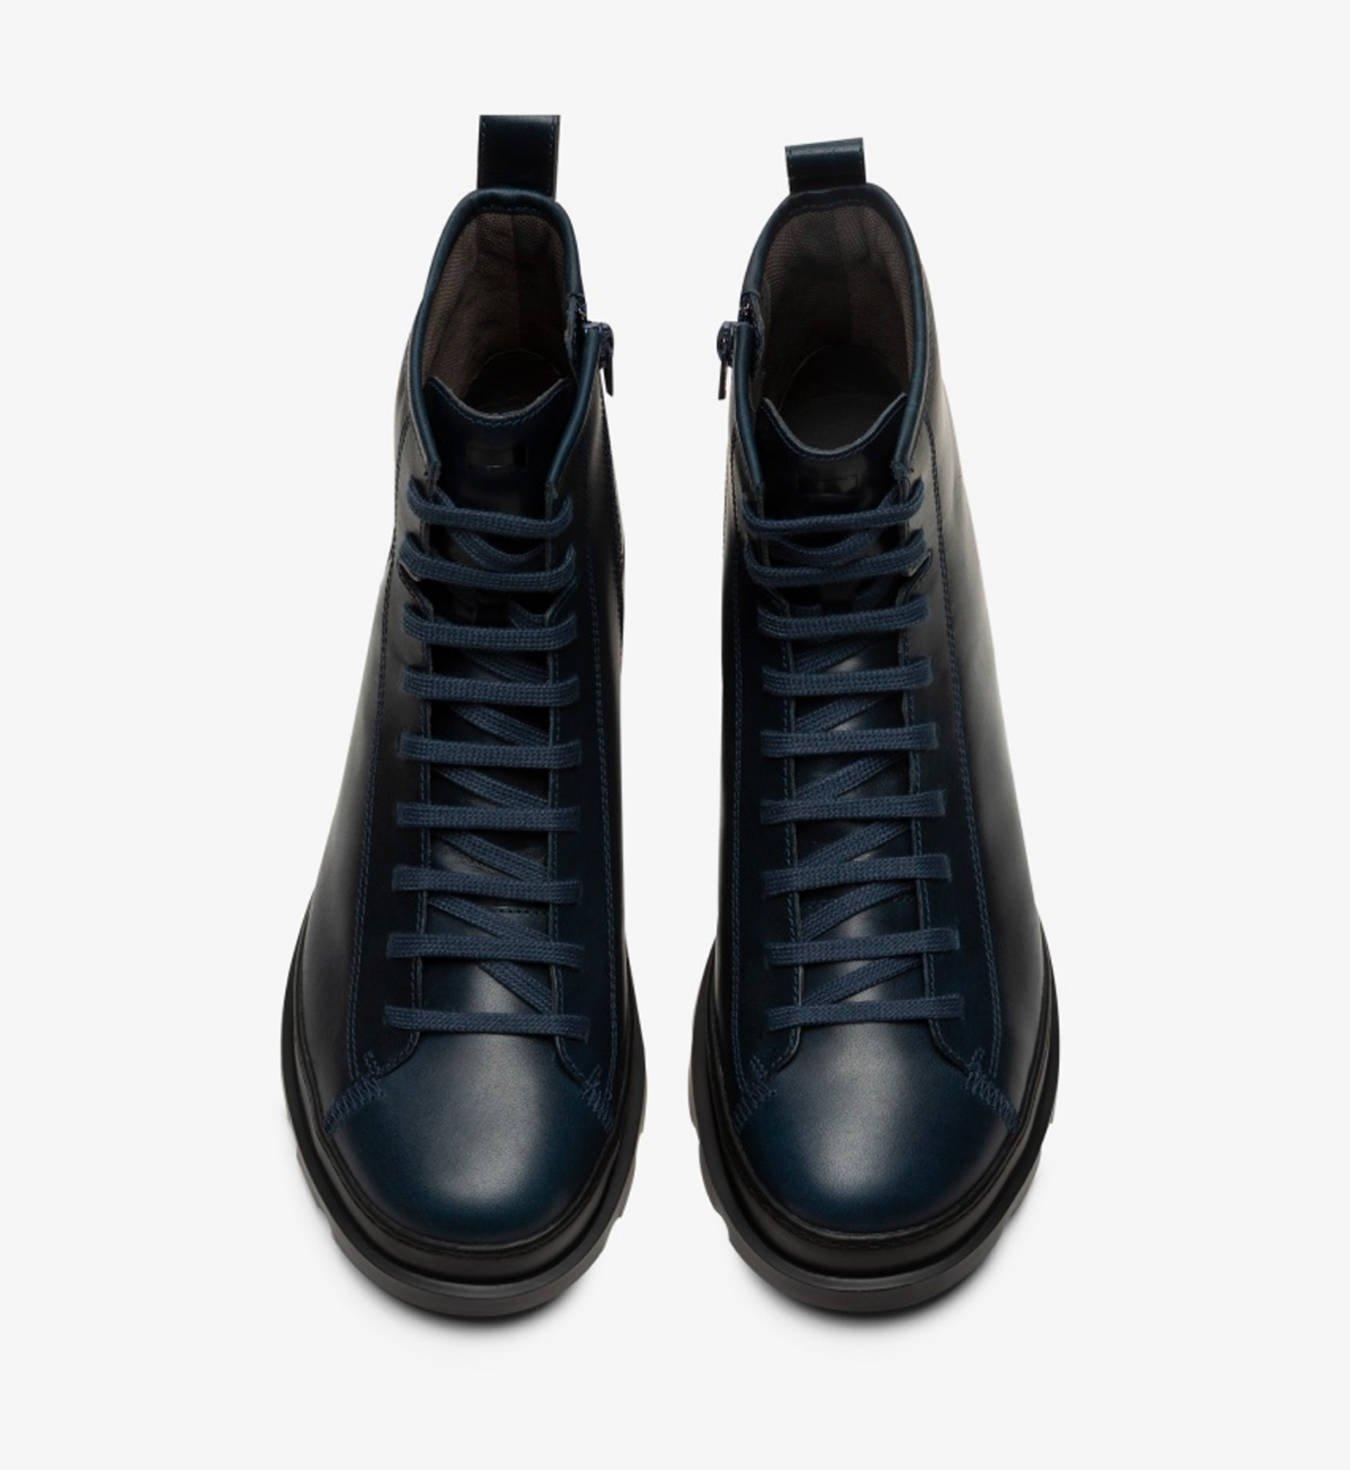 Camper Polbuty Peu Cami 17665 011 Obuwie I Buty Damskie Meskie Dzieciece W Office Shoes